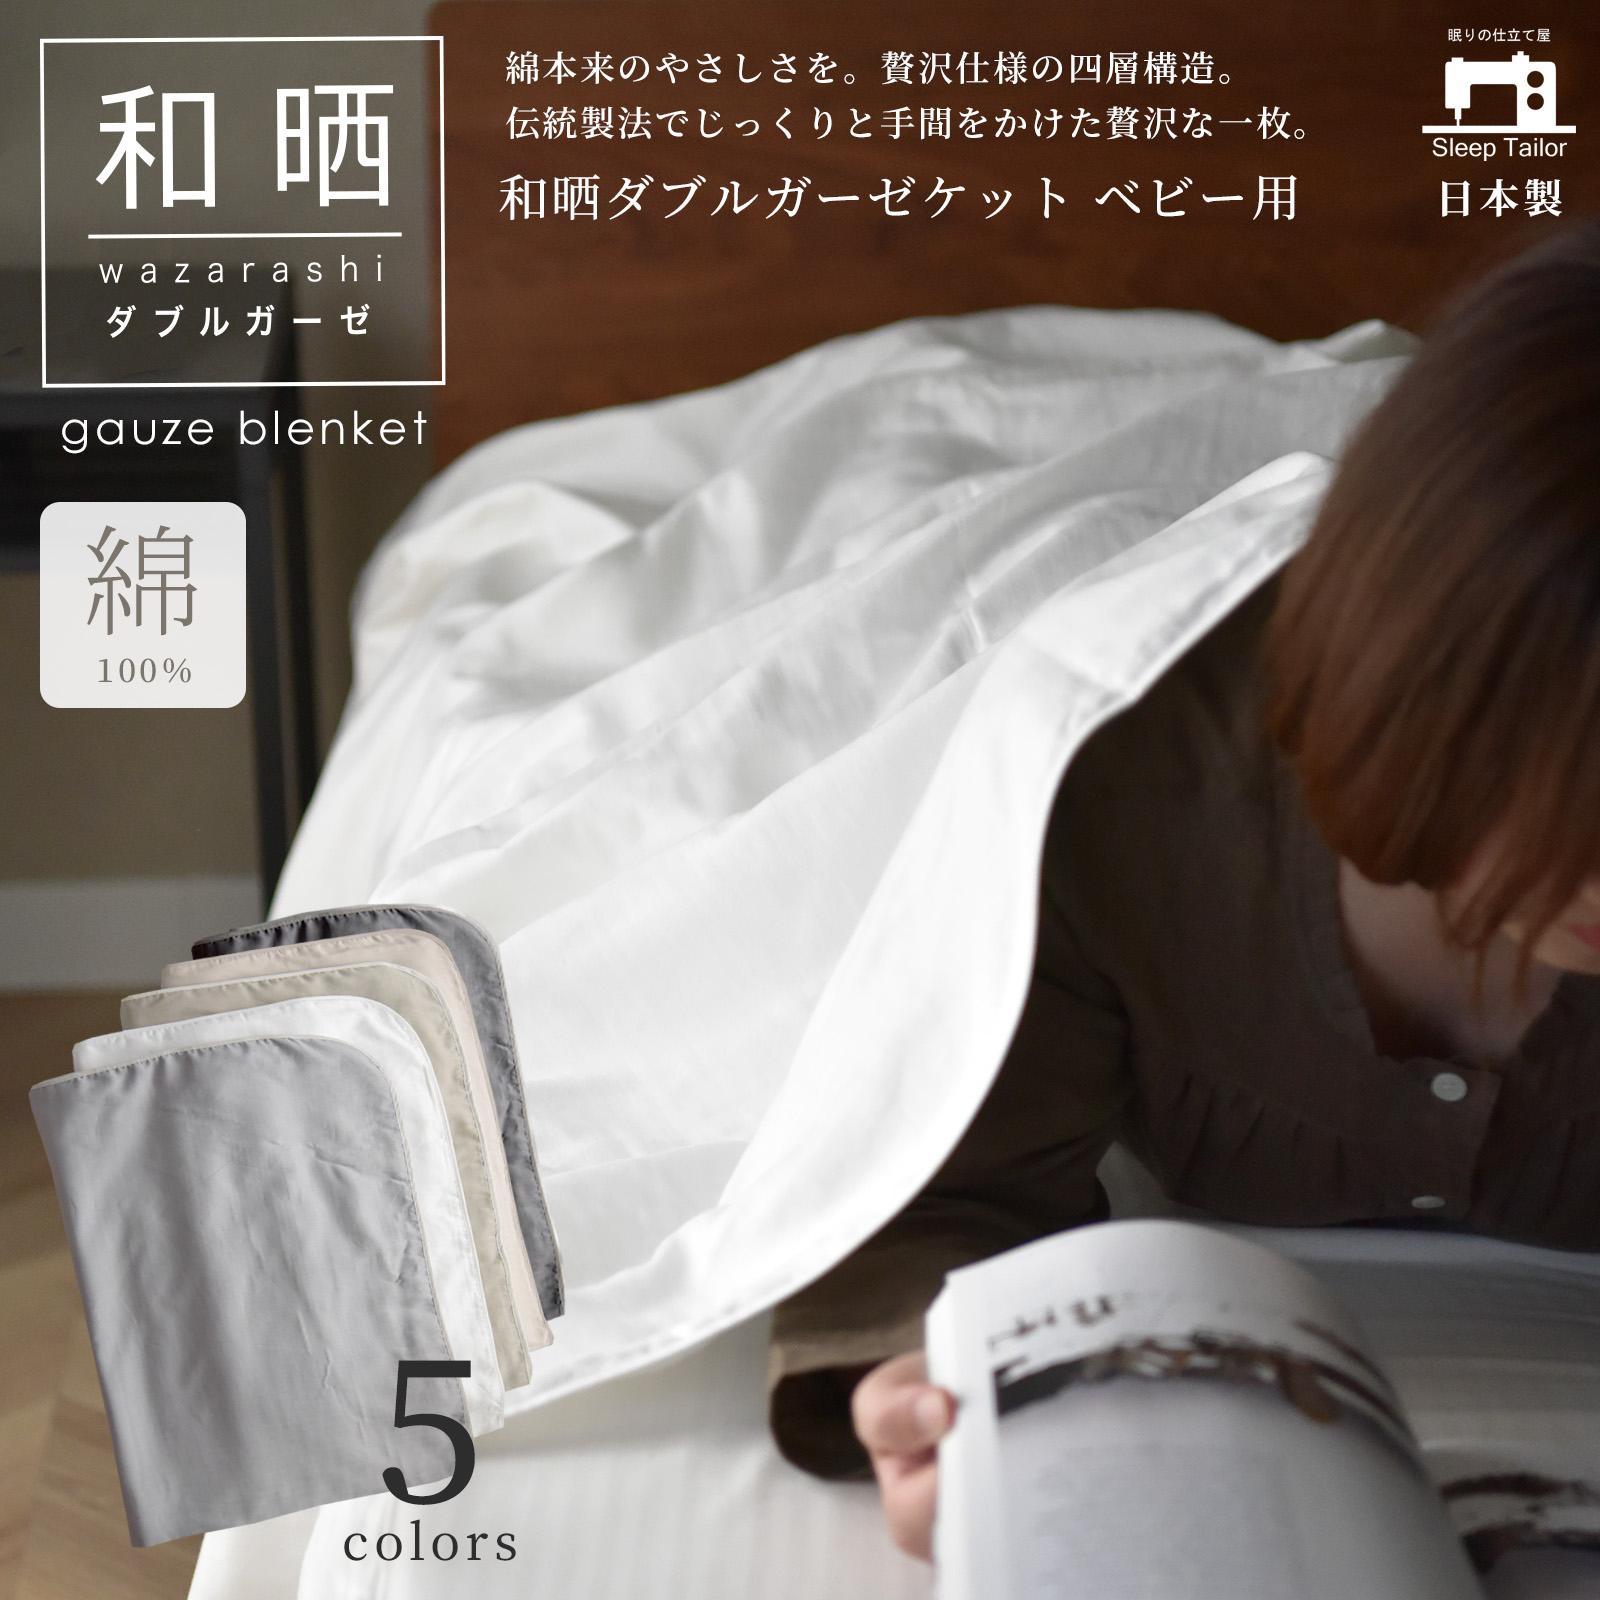 ガーゼケット ベビー用 和晒しダブルガーゼ 日本製 アトピー協会推薦品